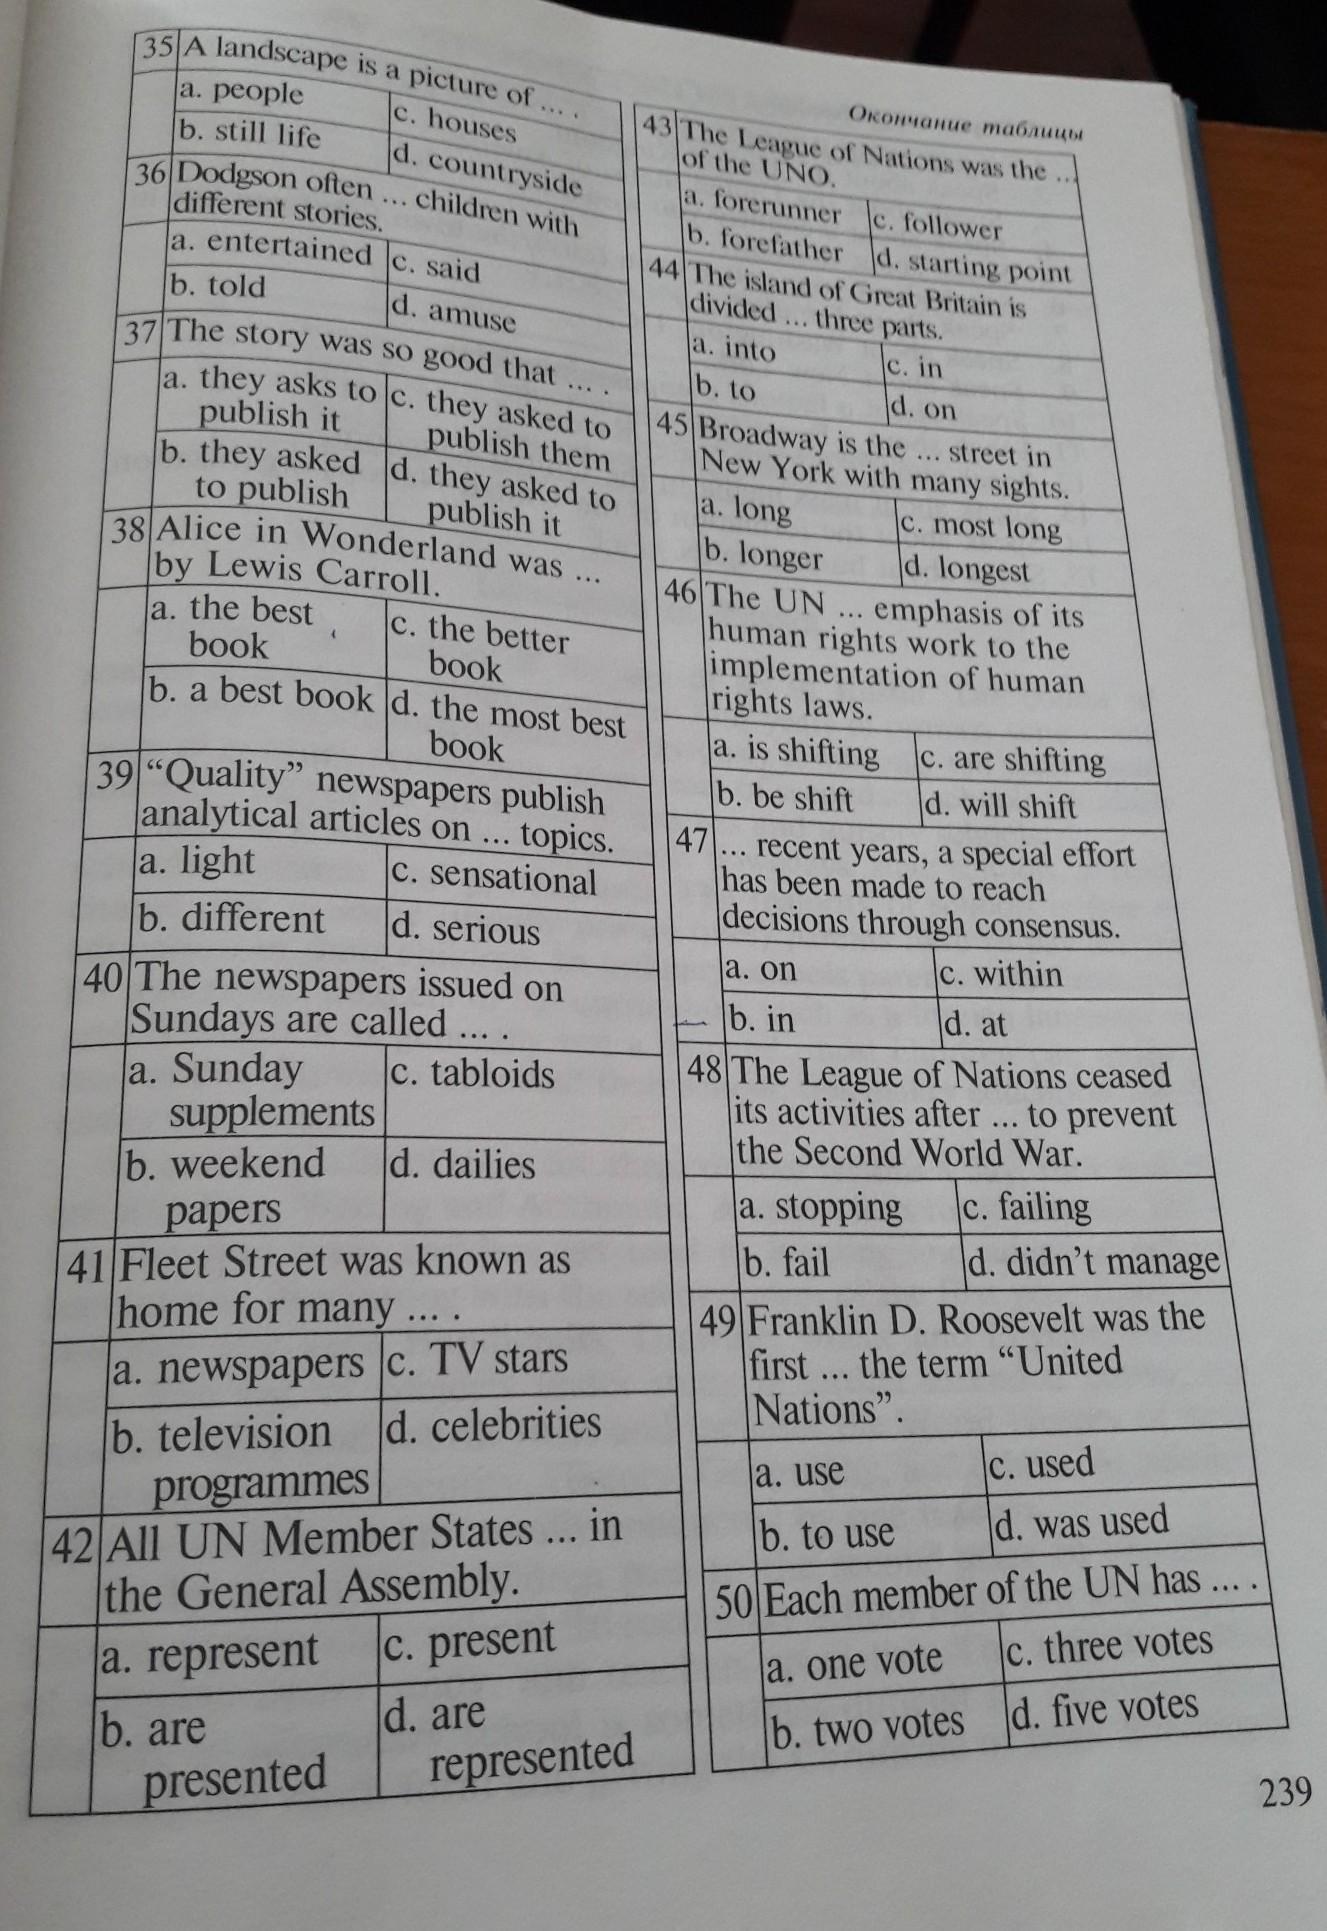 Помогите с тестом по английскому пожалуйста.